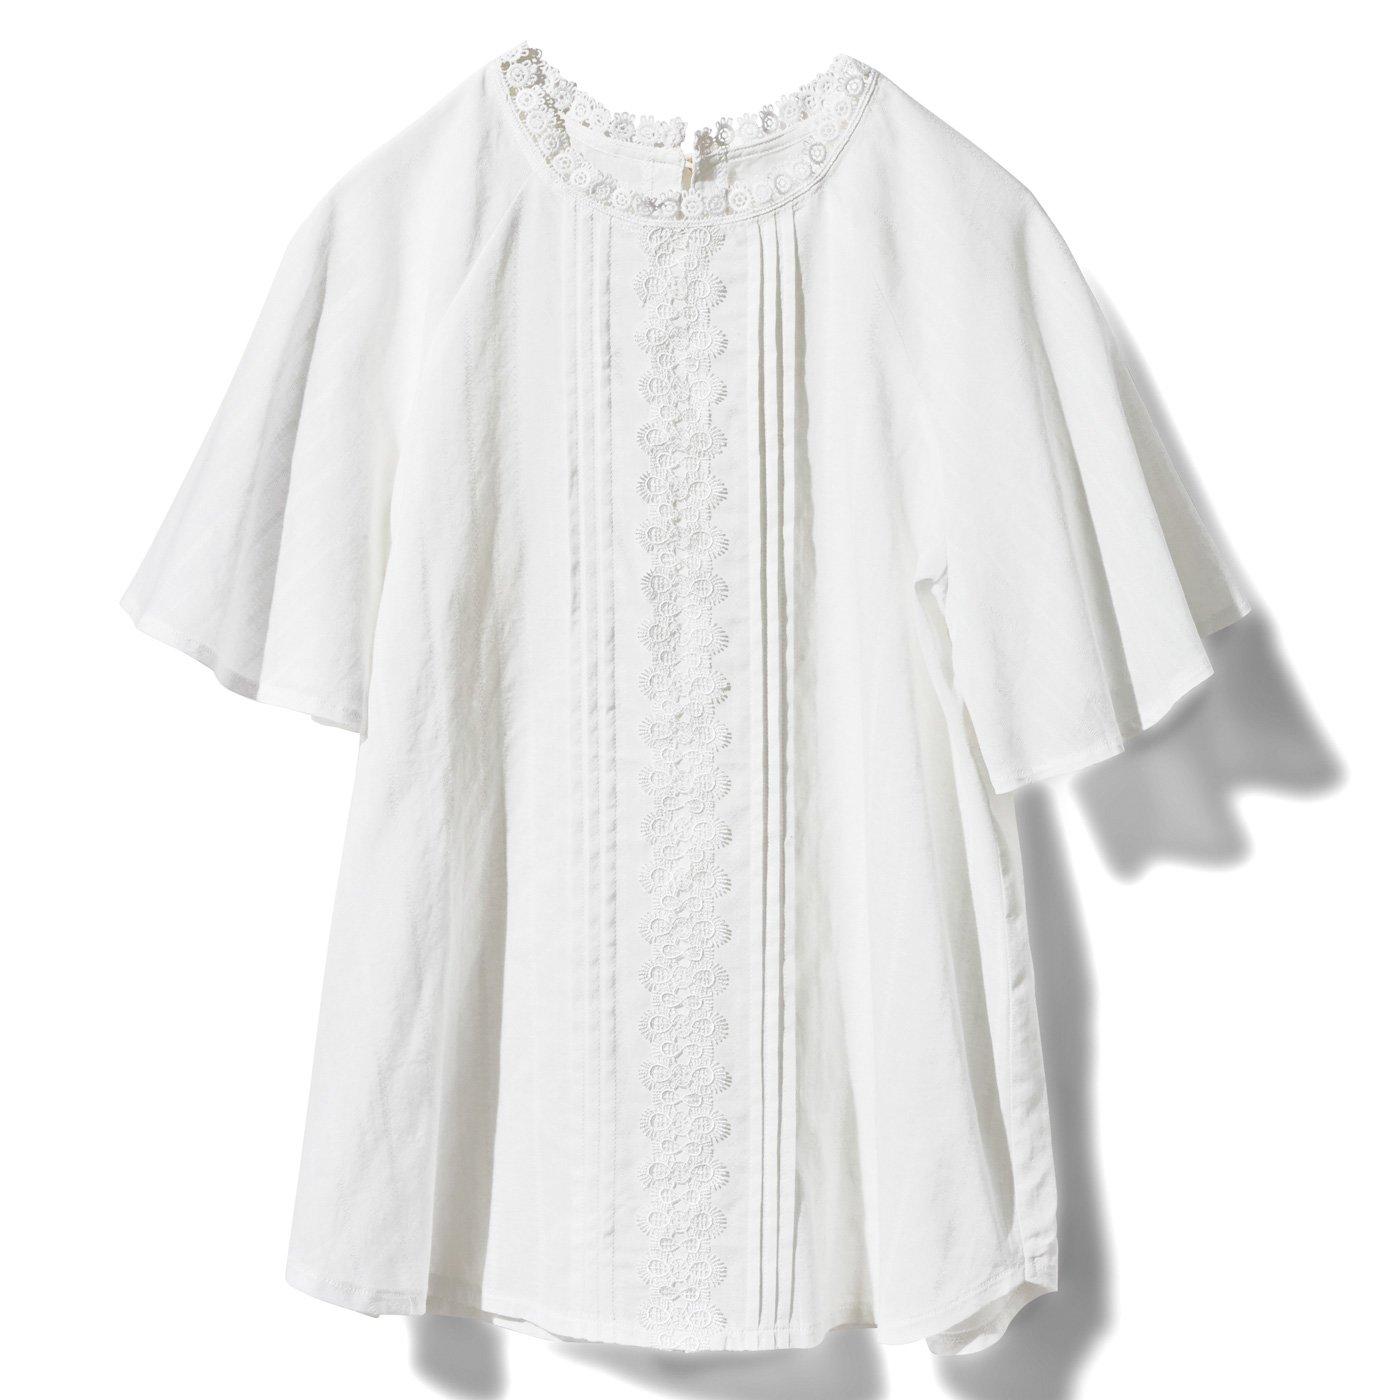 IEDIT[イディット] コットン織り柄素材のレース遣いブラウス〈ホワイト〉